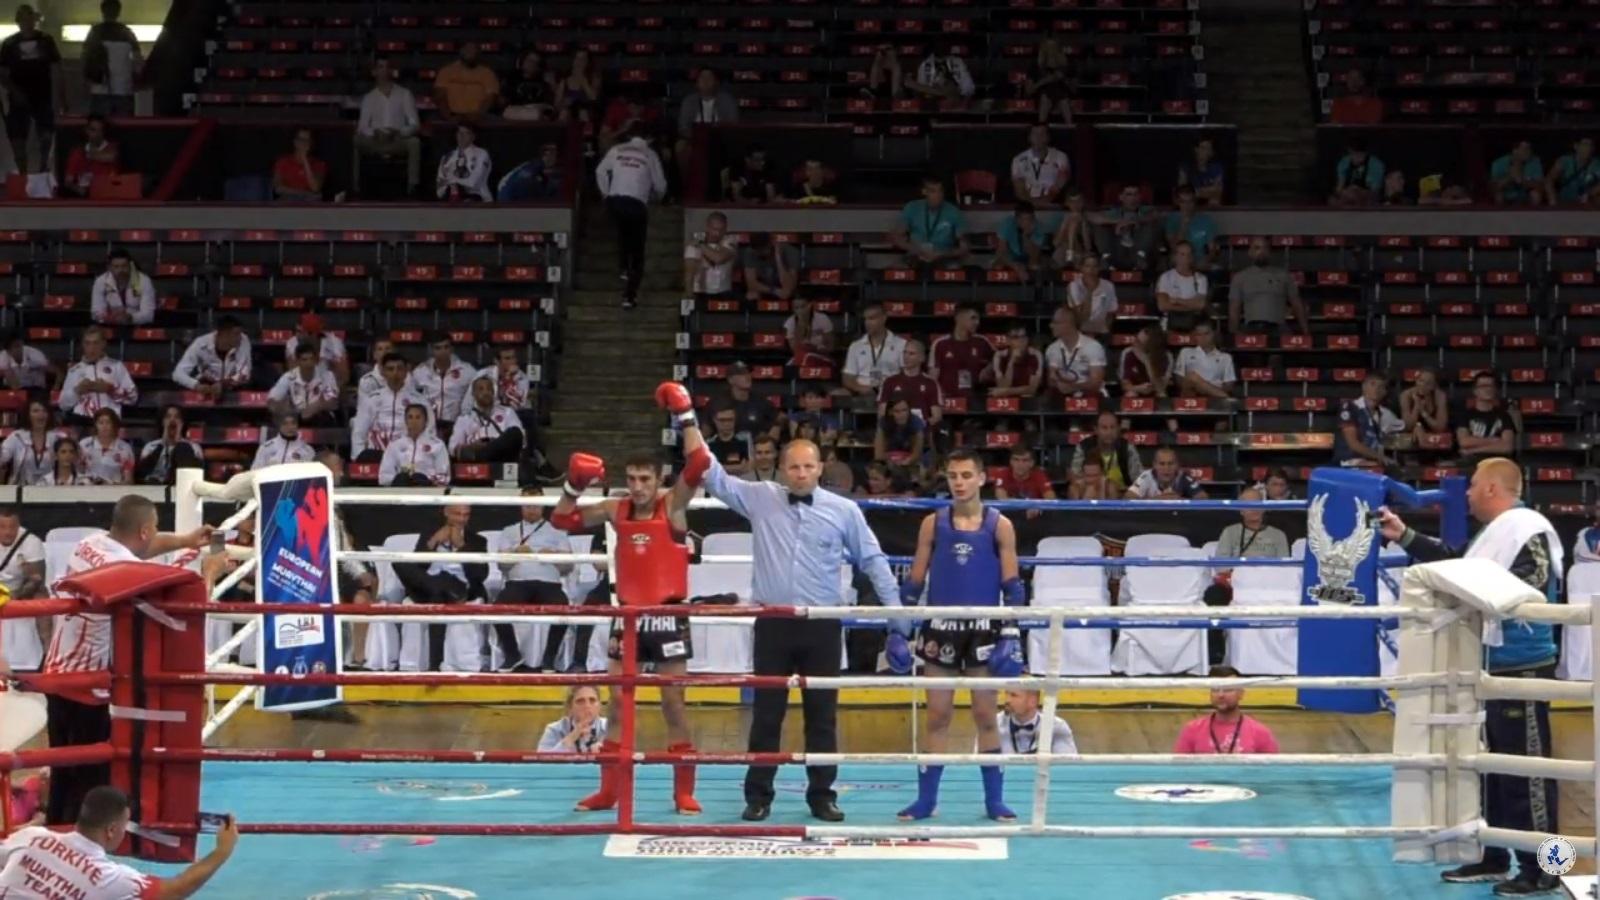 Чемпионат Европы по тайскому боксу: 3 день соревнований и 1 бронзовая медаль. ВИДЕО БОЕВ!